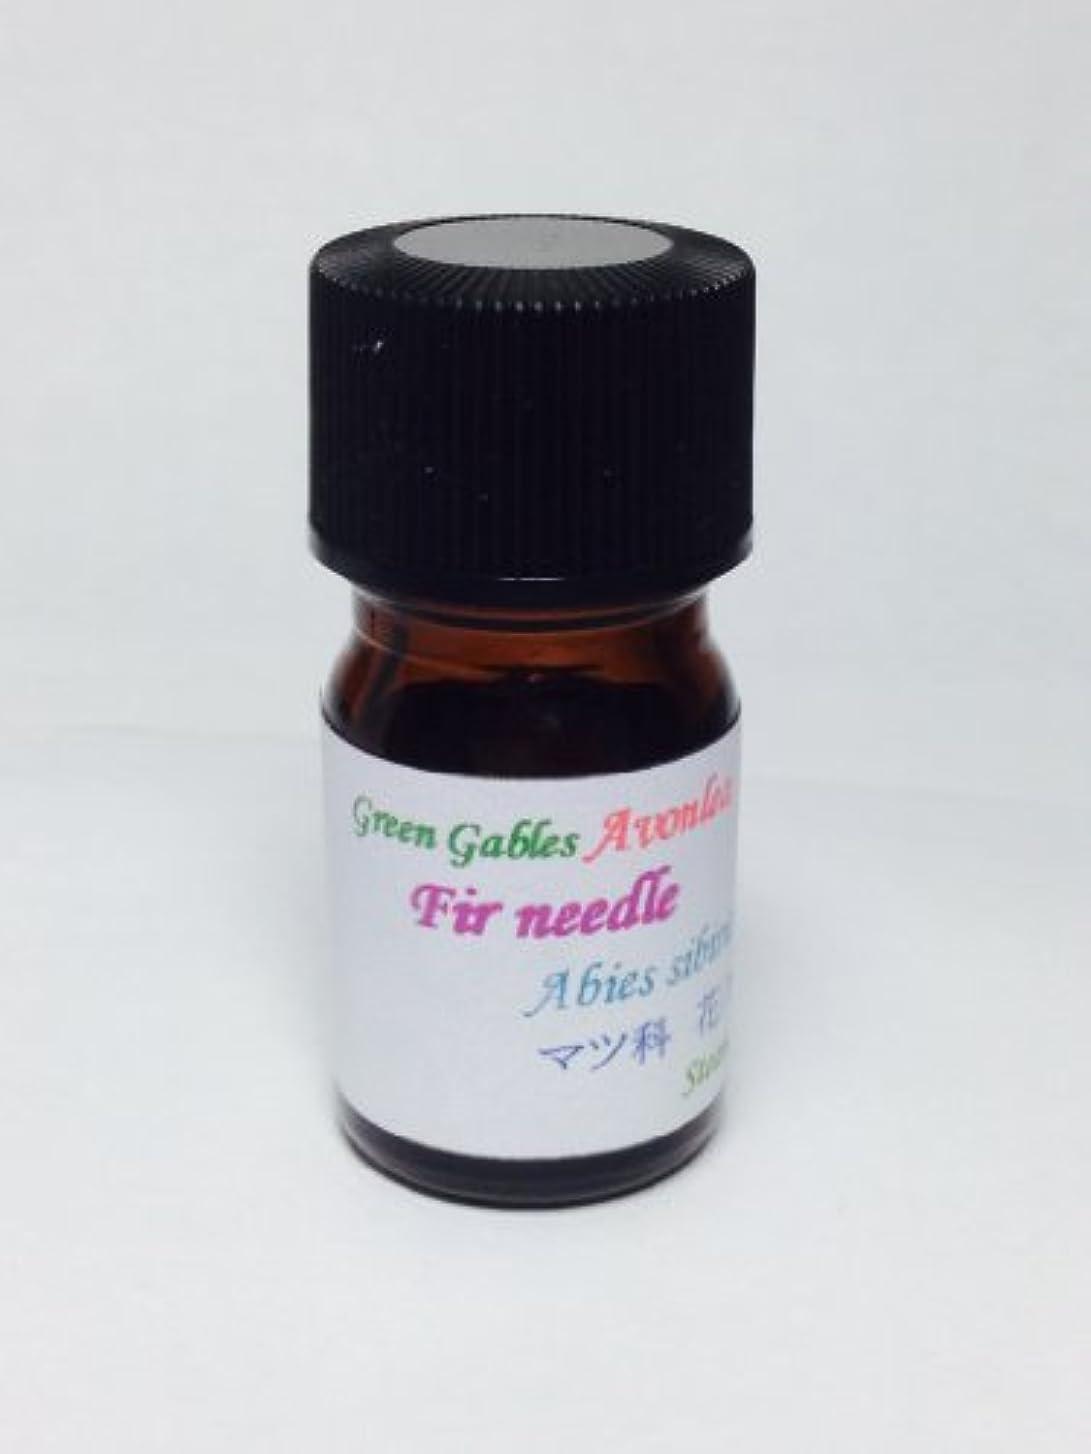 回復ホーム出発するファーニードル ( バルサムモミの木 ) エッセンシャルオイル 高級精油 5ml